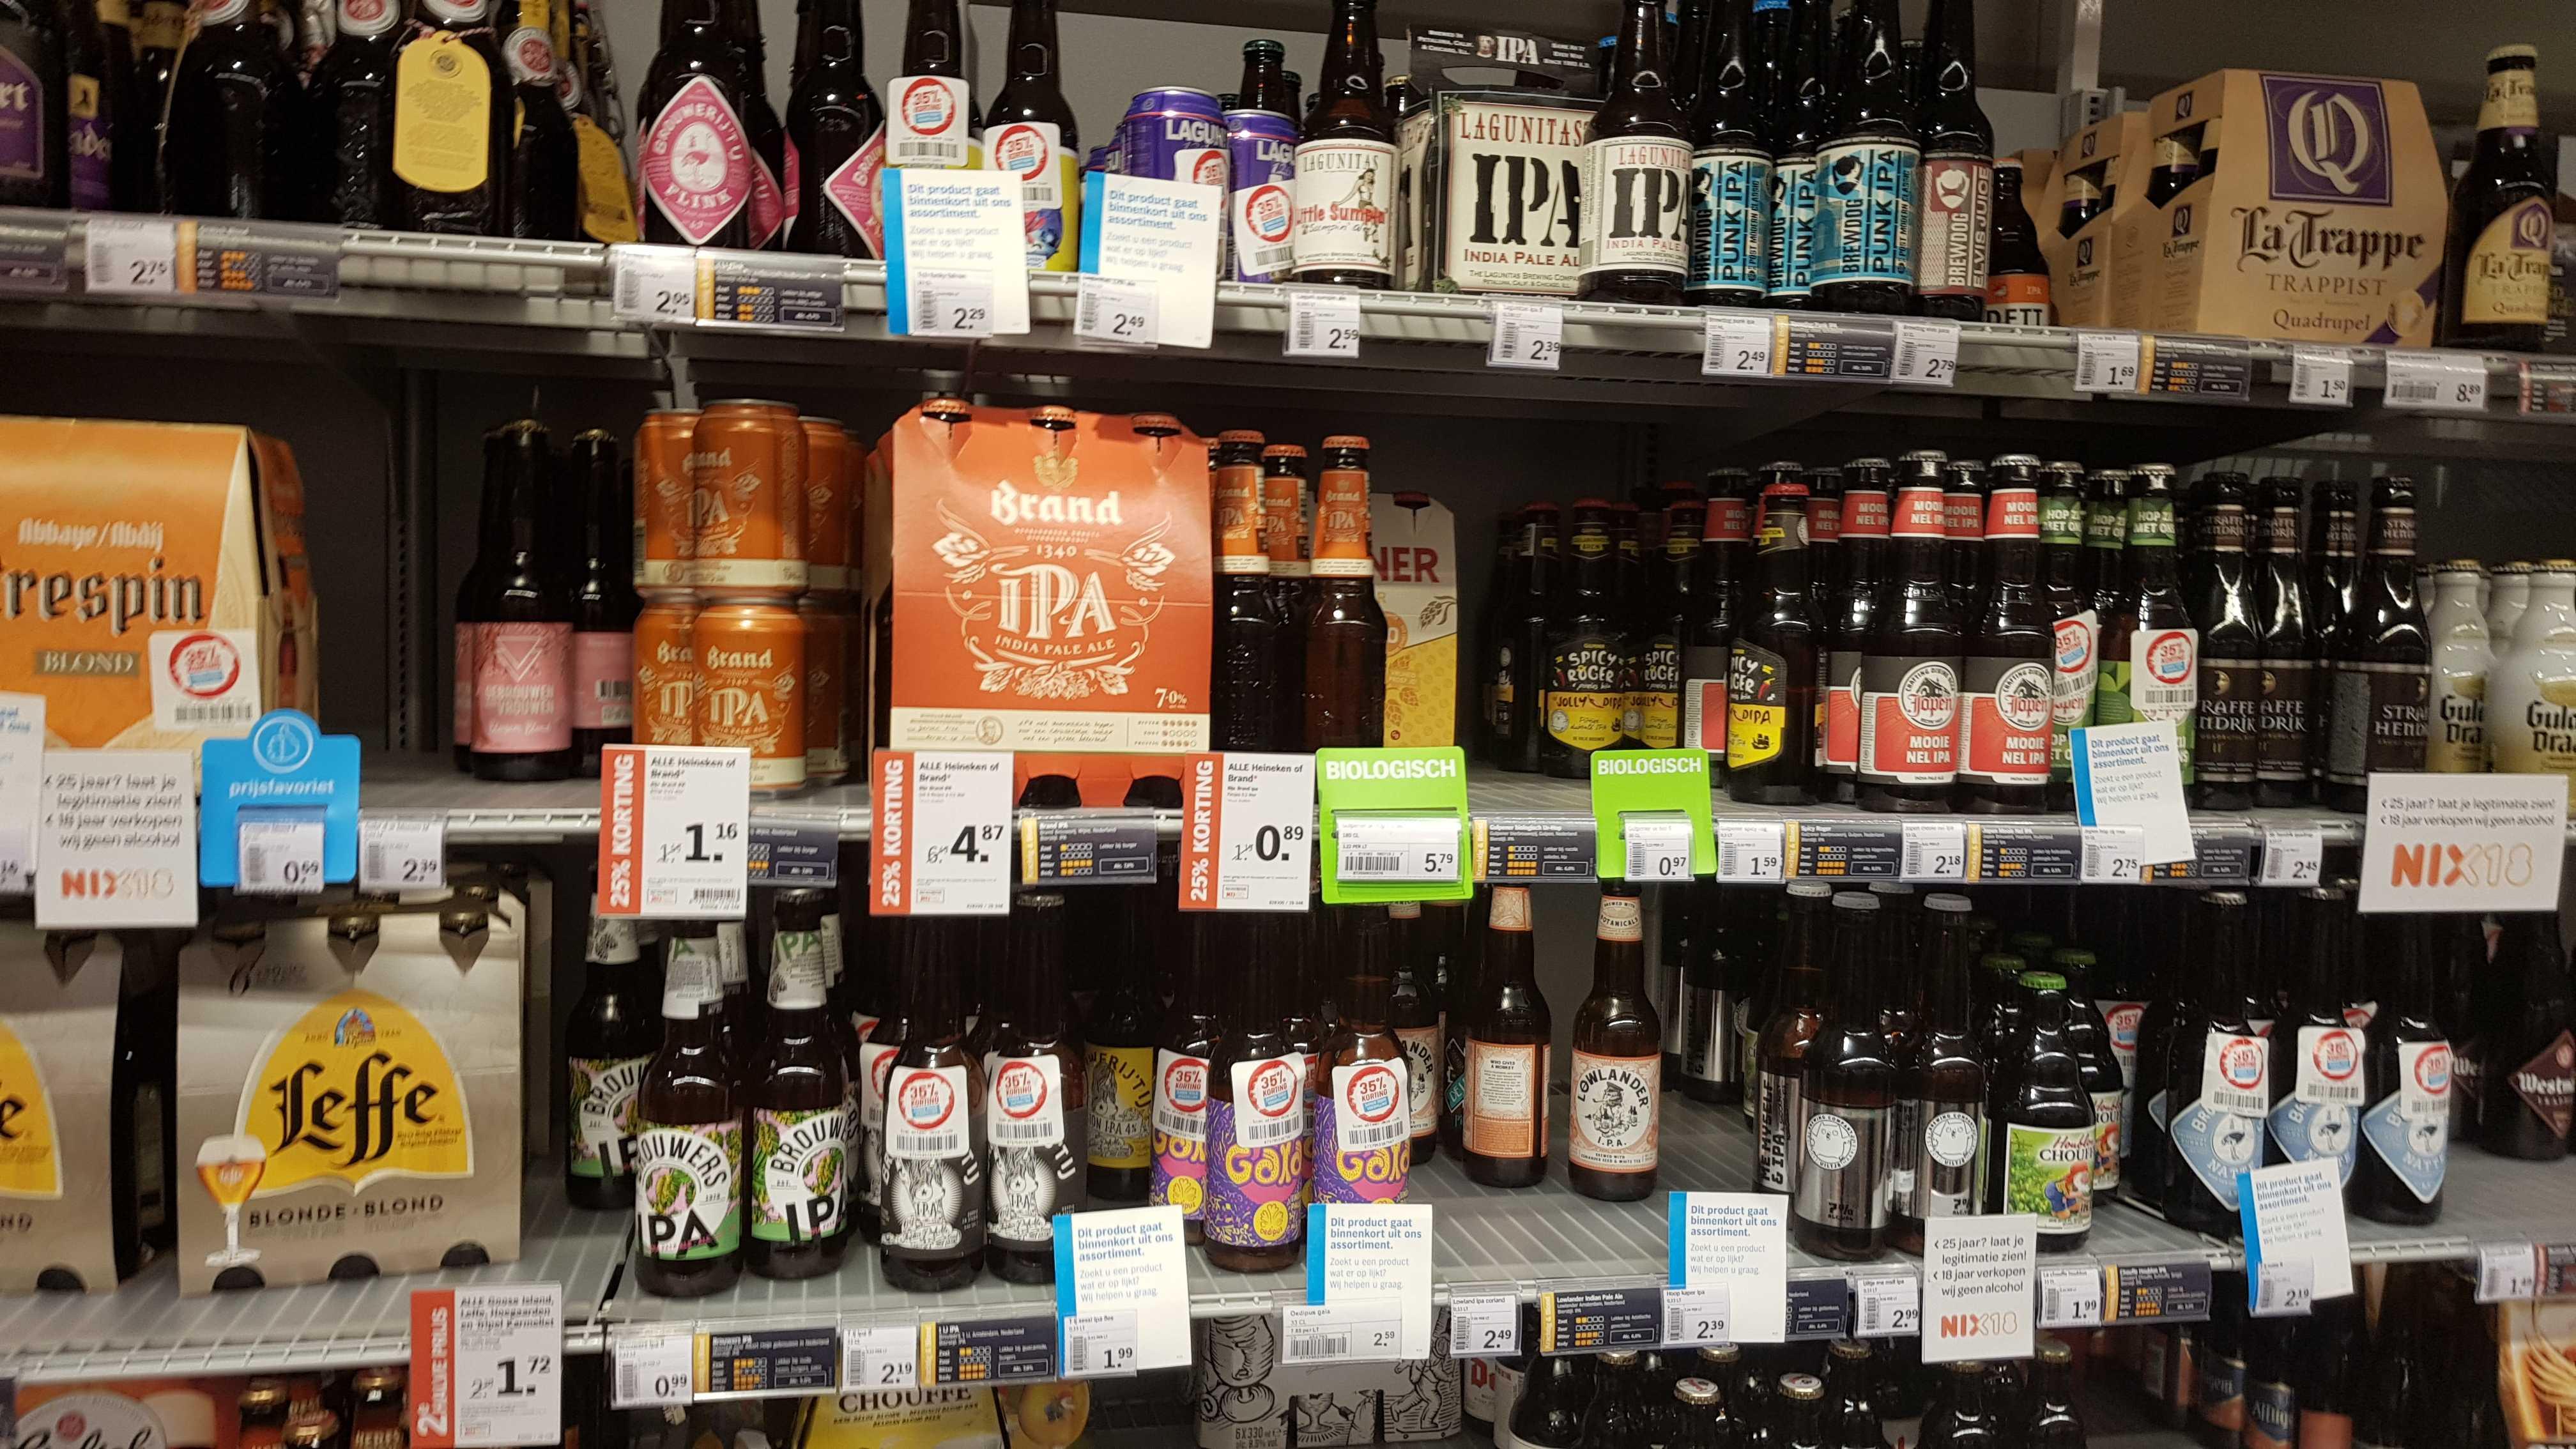 [Lokaal] Veel speciaalbieren -35% @ AH Deventer Colmschate